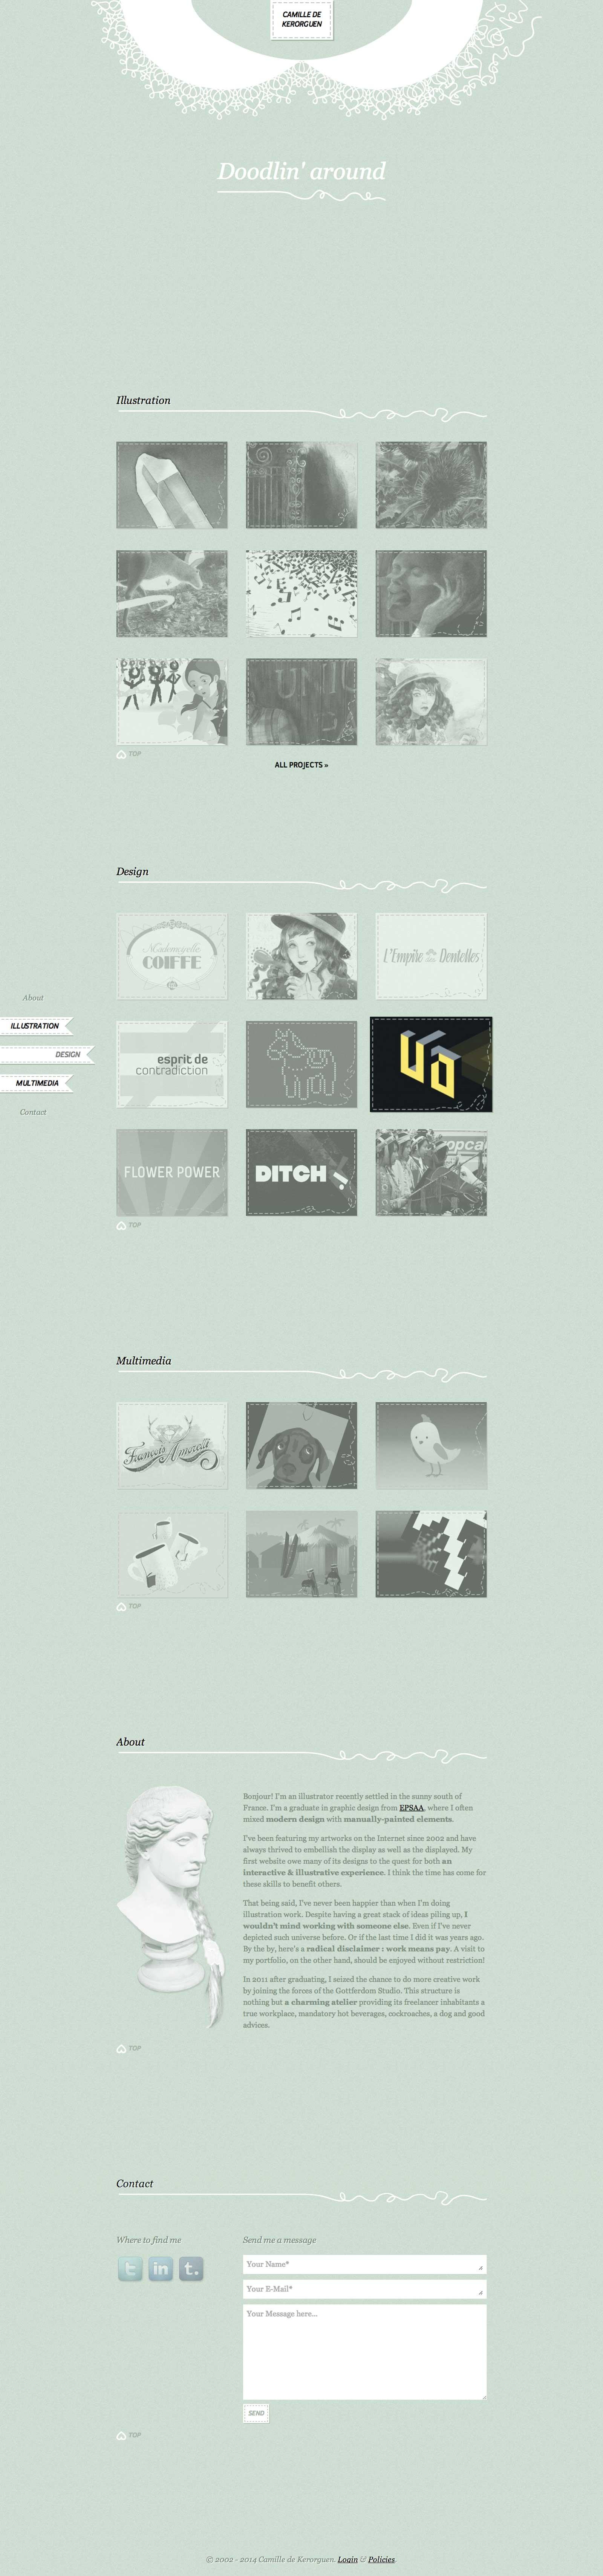 camilledekerorguen.fr, an illustration, graphic design and multimedia web portfolio for french, aix-en-provence based artist and designer Camille de Kerorguen (messalyn)